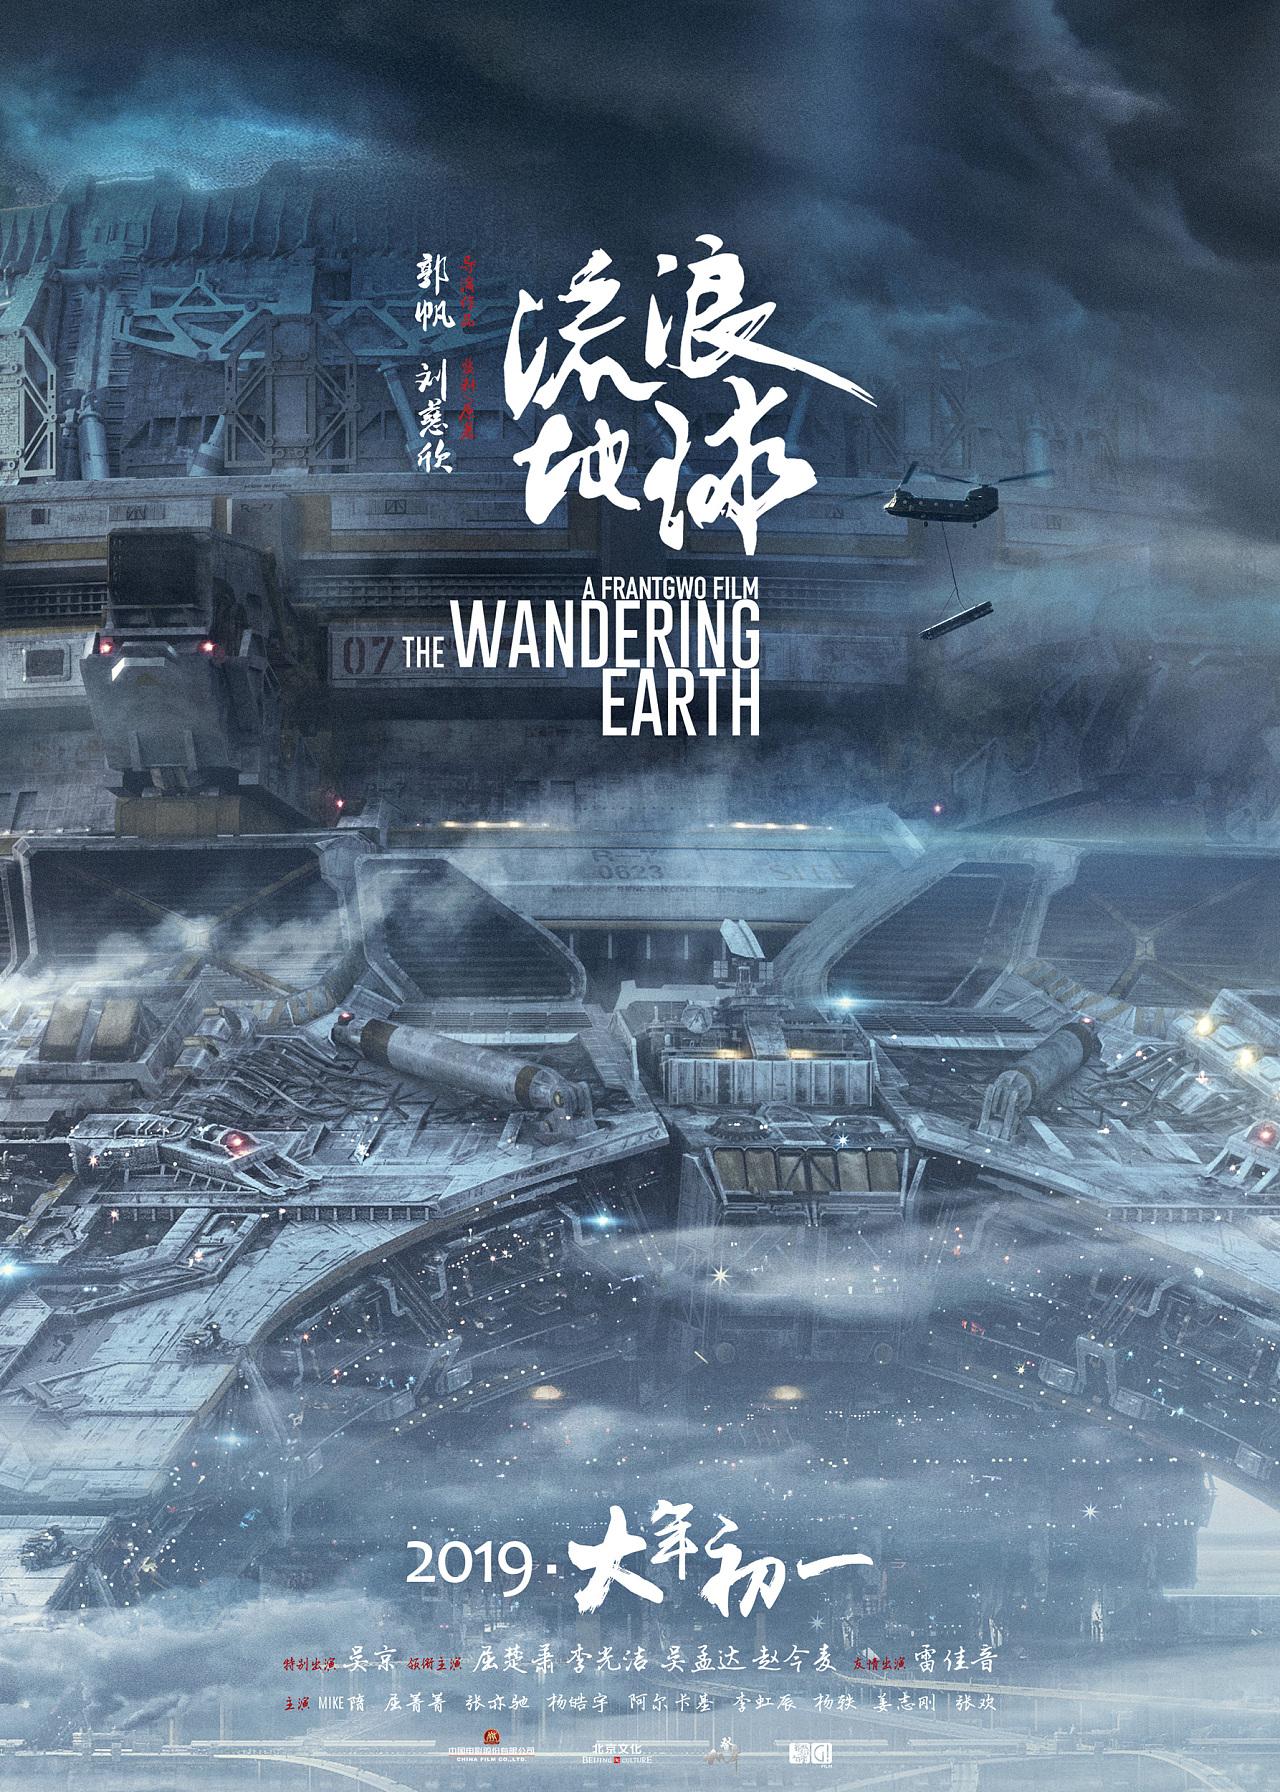 87秒丨独家对话《流浪地球》导演郭帆家人:他没有忘记家乡 是难得的品质